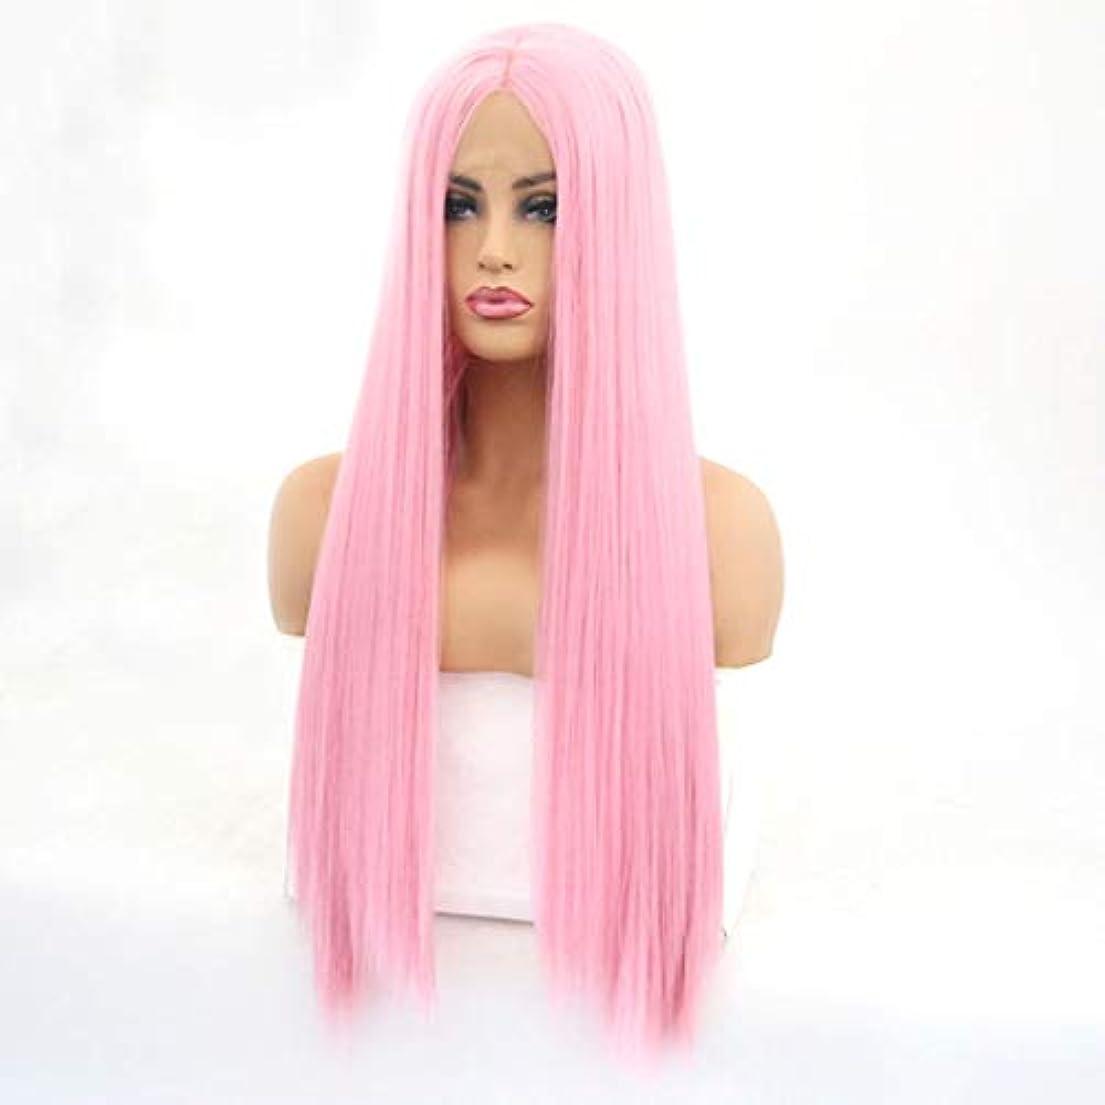 石欠員徐々にSummerys 女性のための長いストレートの波状のかつらかつらかつら合成繊維髪かつら自然に見えるかつら